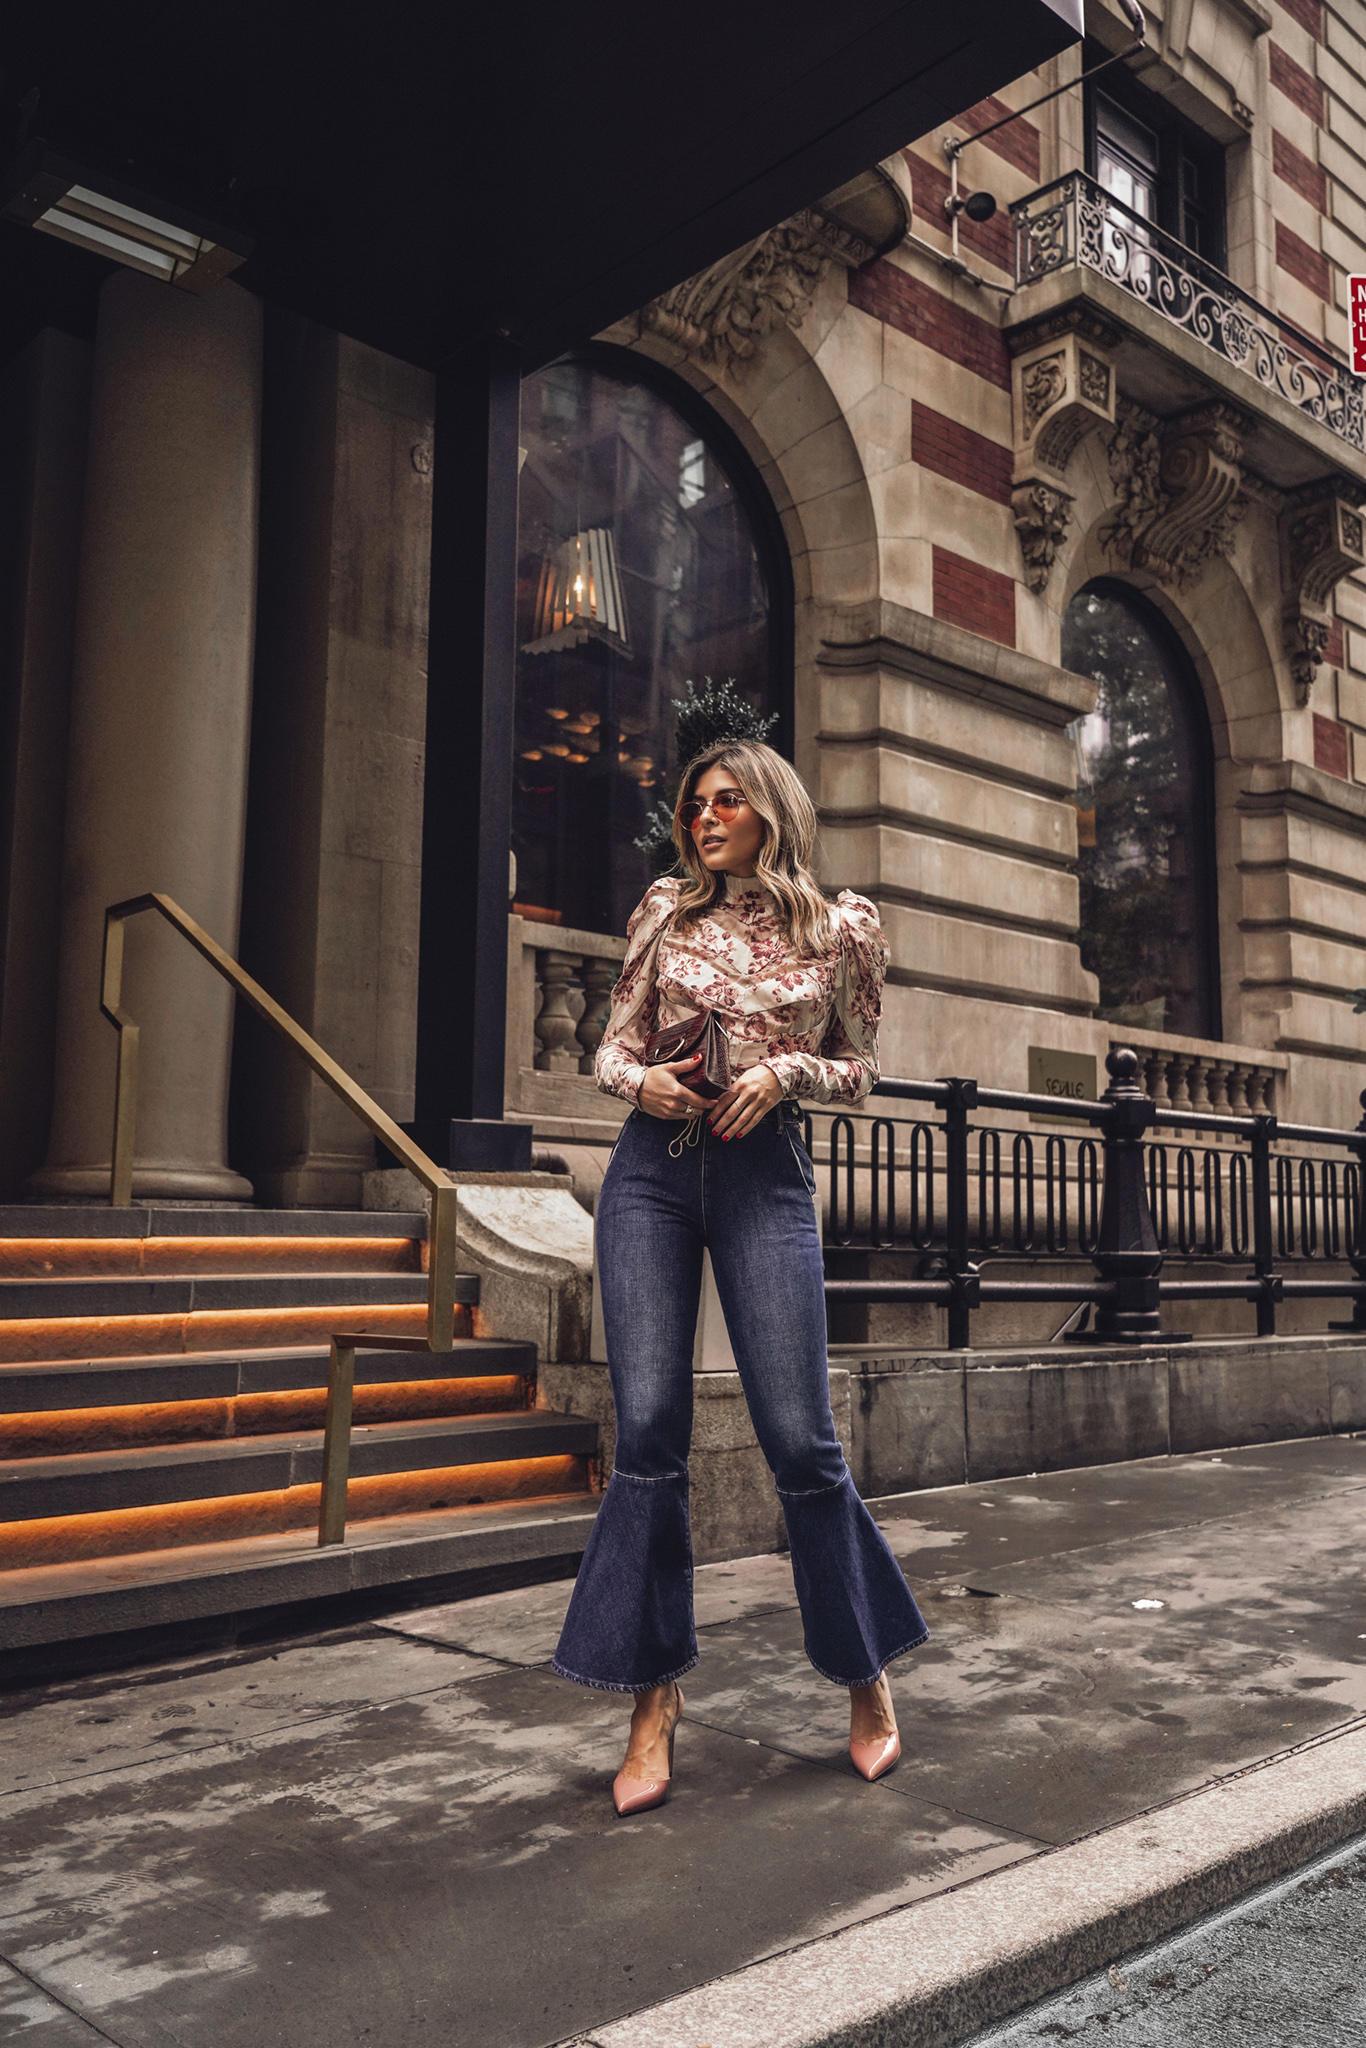 Cô gái mặc áo hoa và quần jeans ống loe